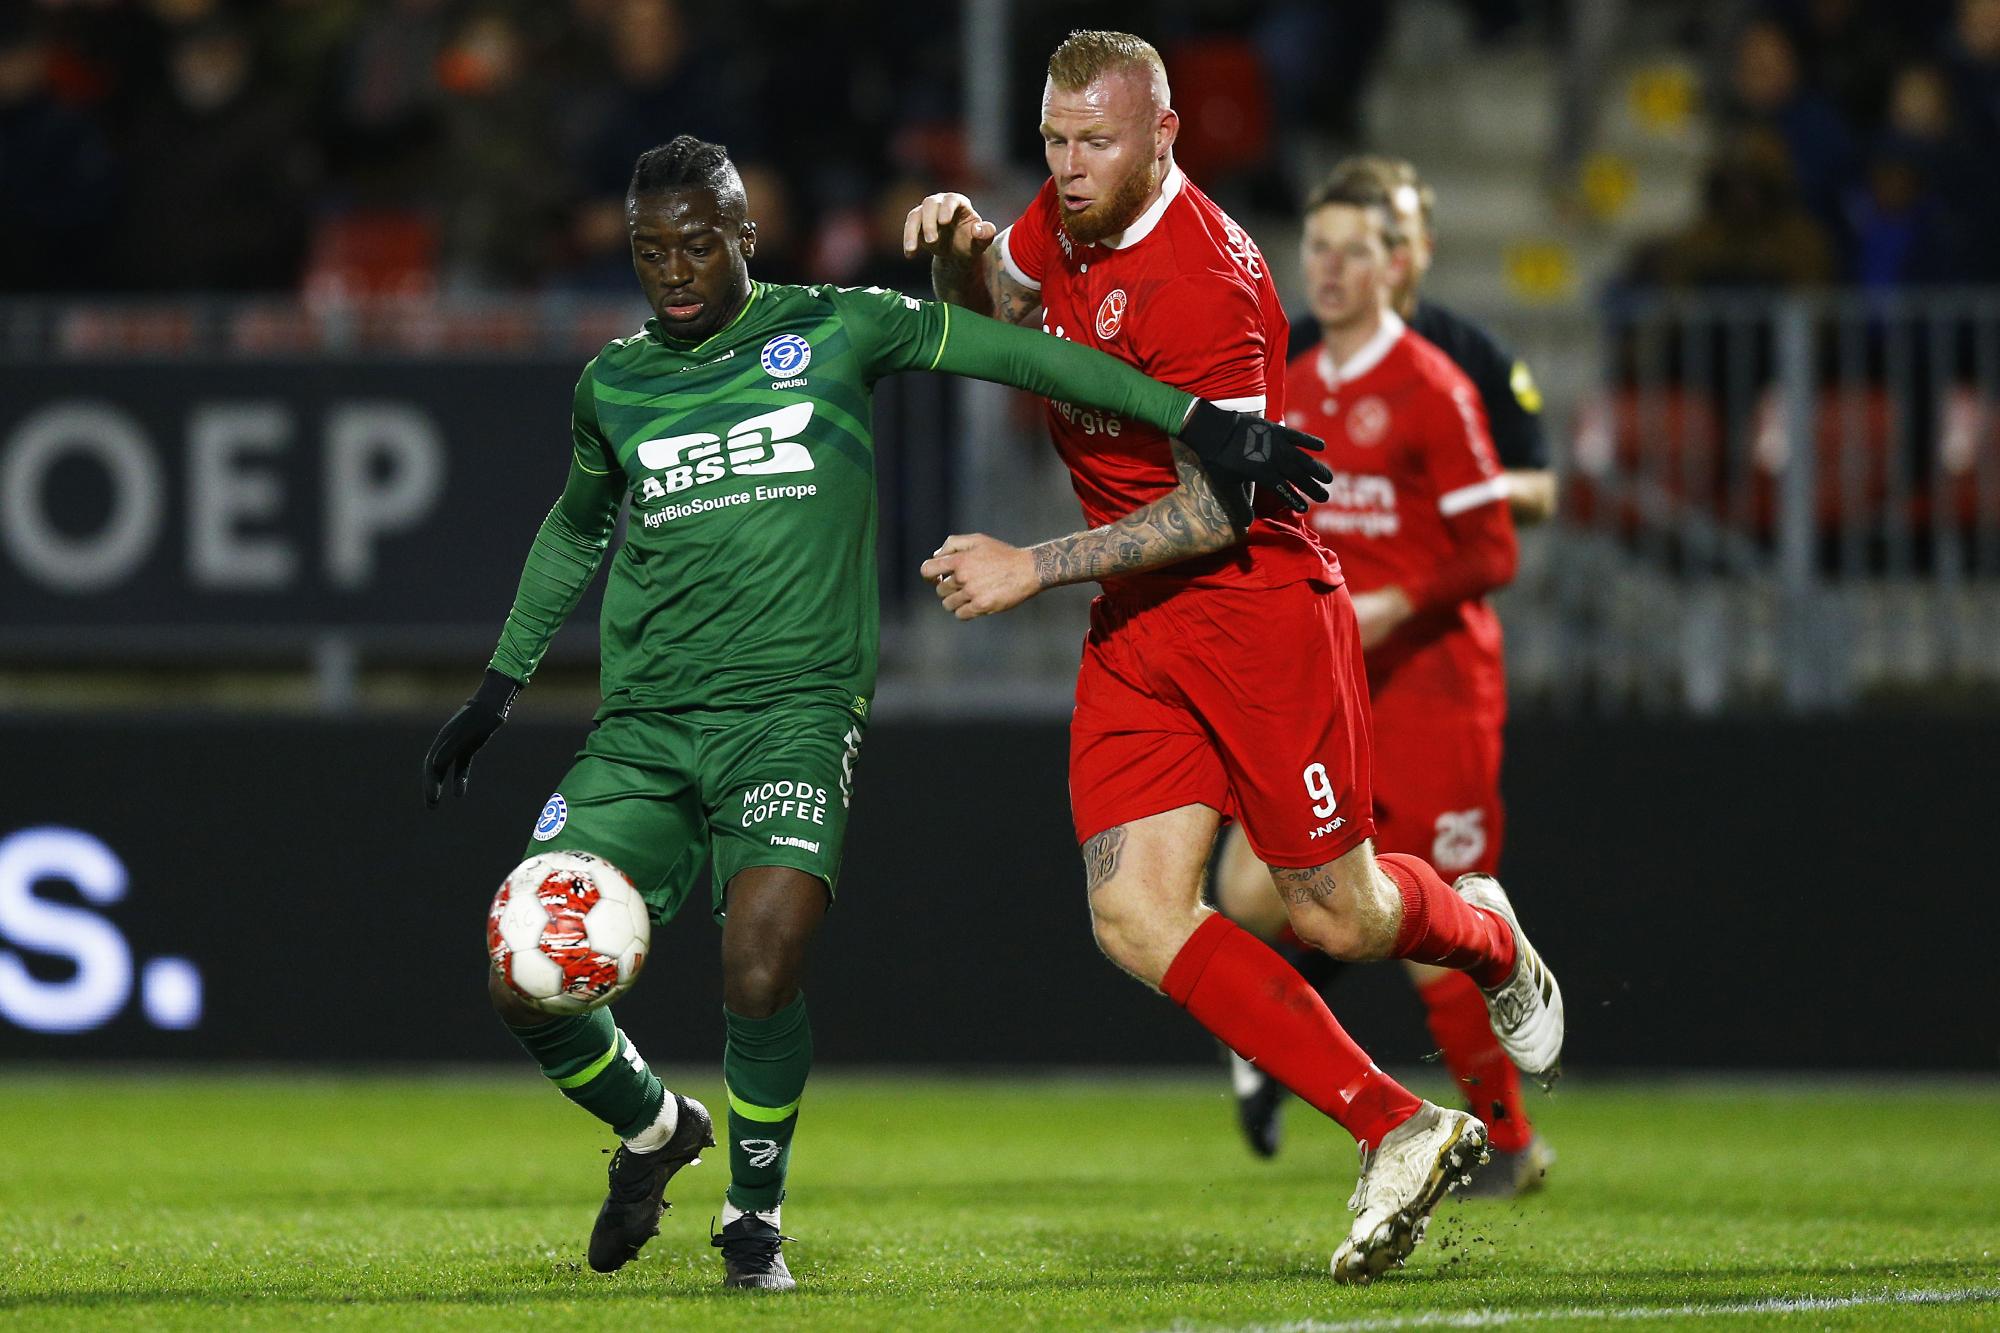 Owusu-vs-Almere.jpg